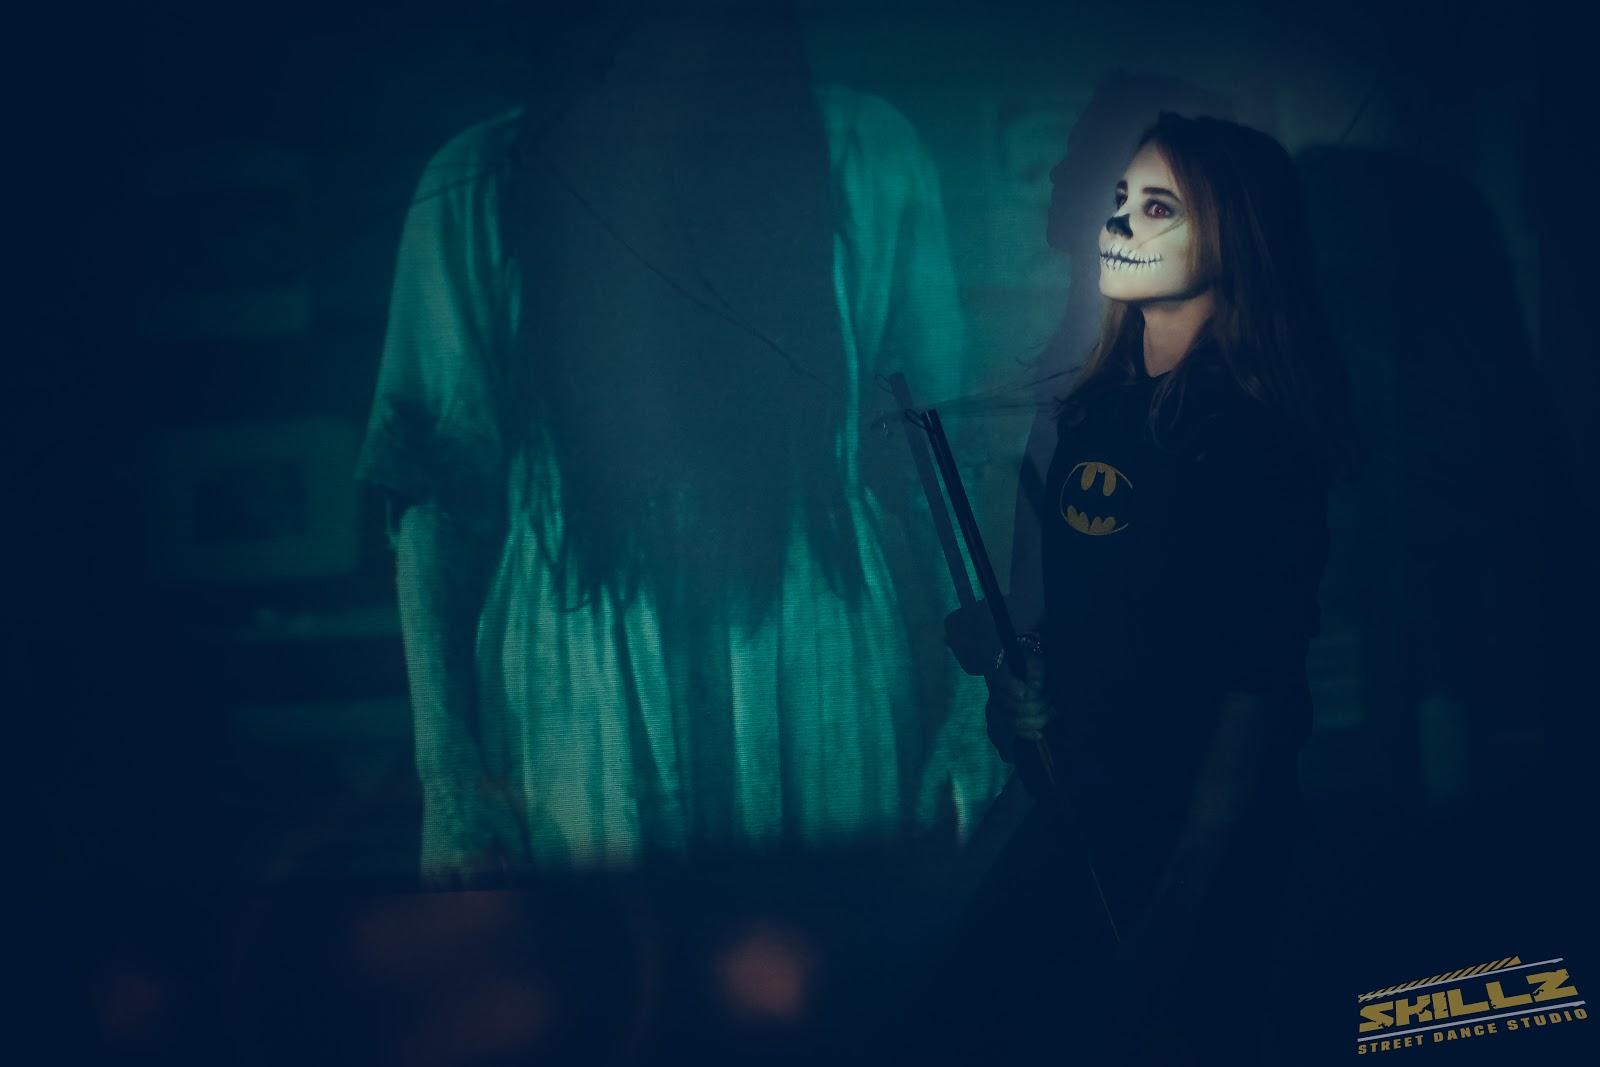 Naujikų krikštynos @SKILLZ (Halloween tema) - PANA1757.jpg